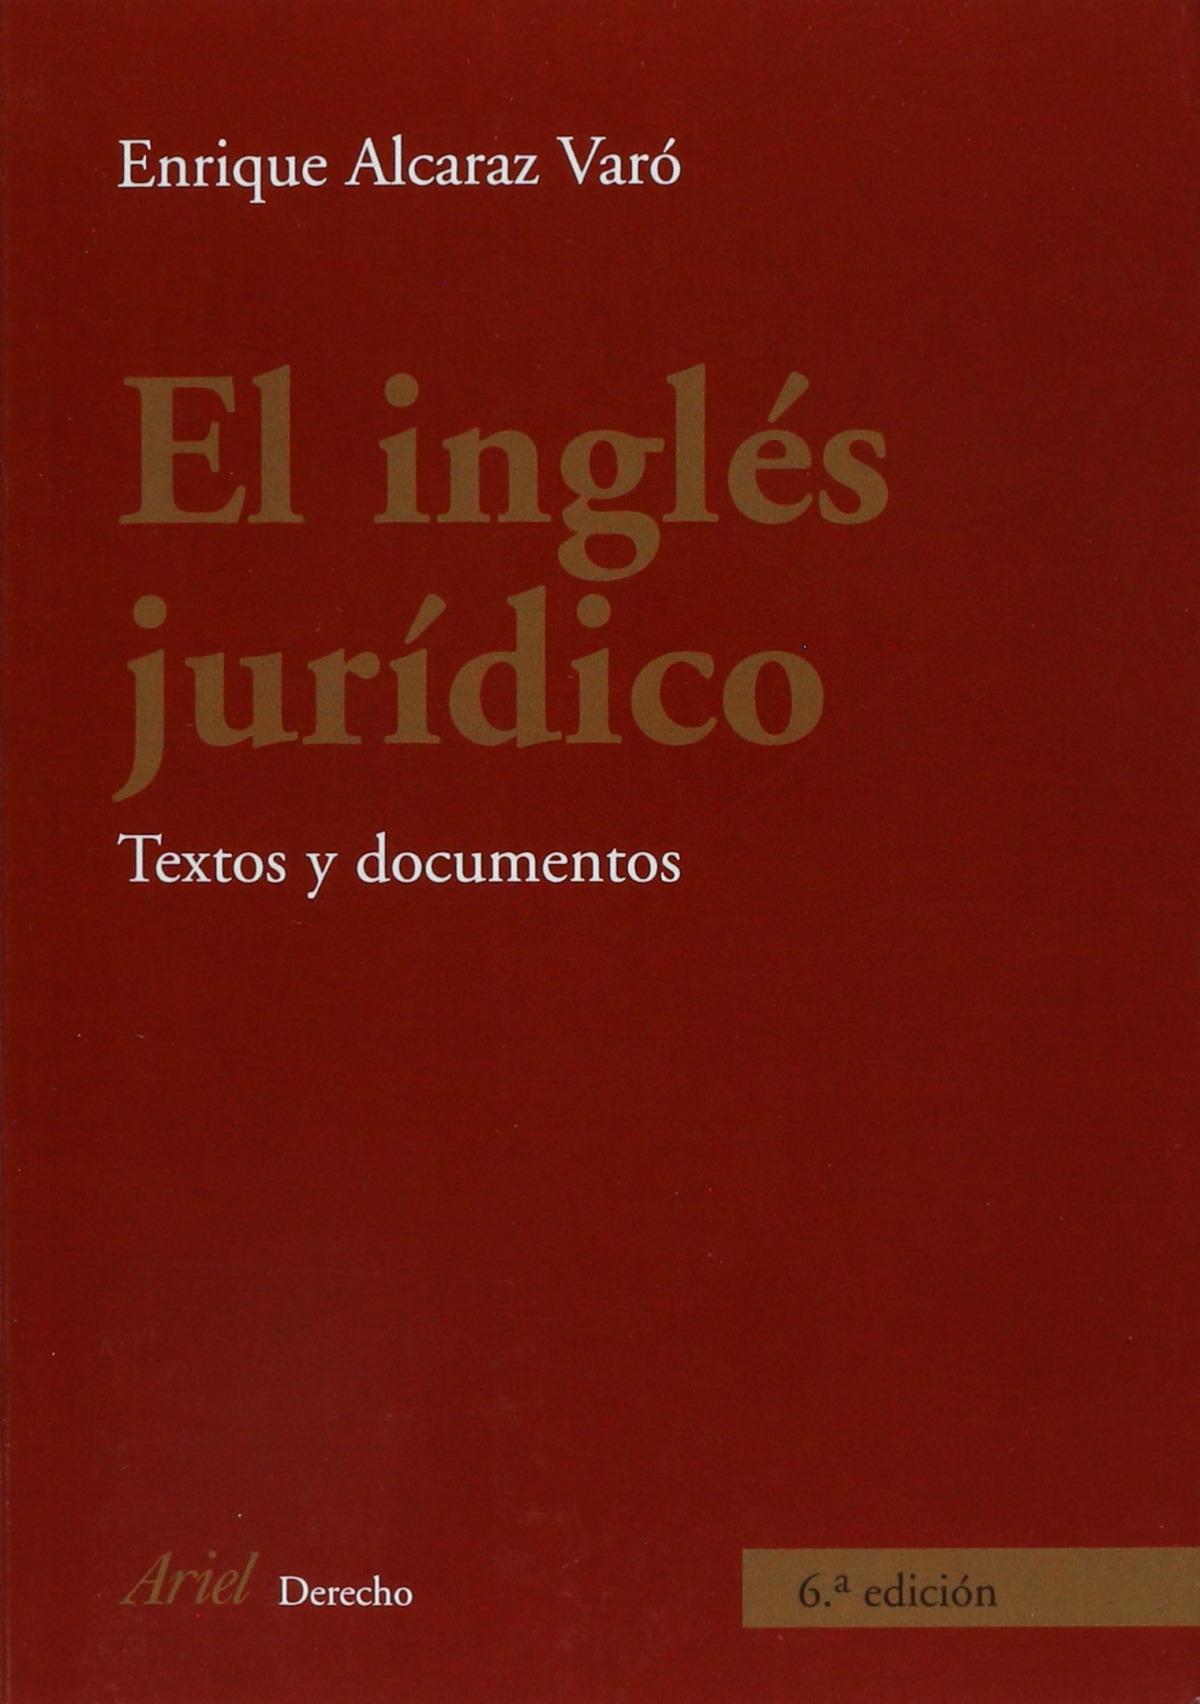 El inglés jurídico - Enrique Alcaraz